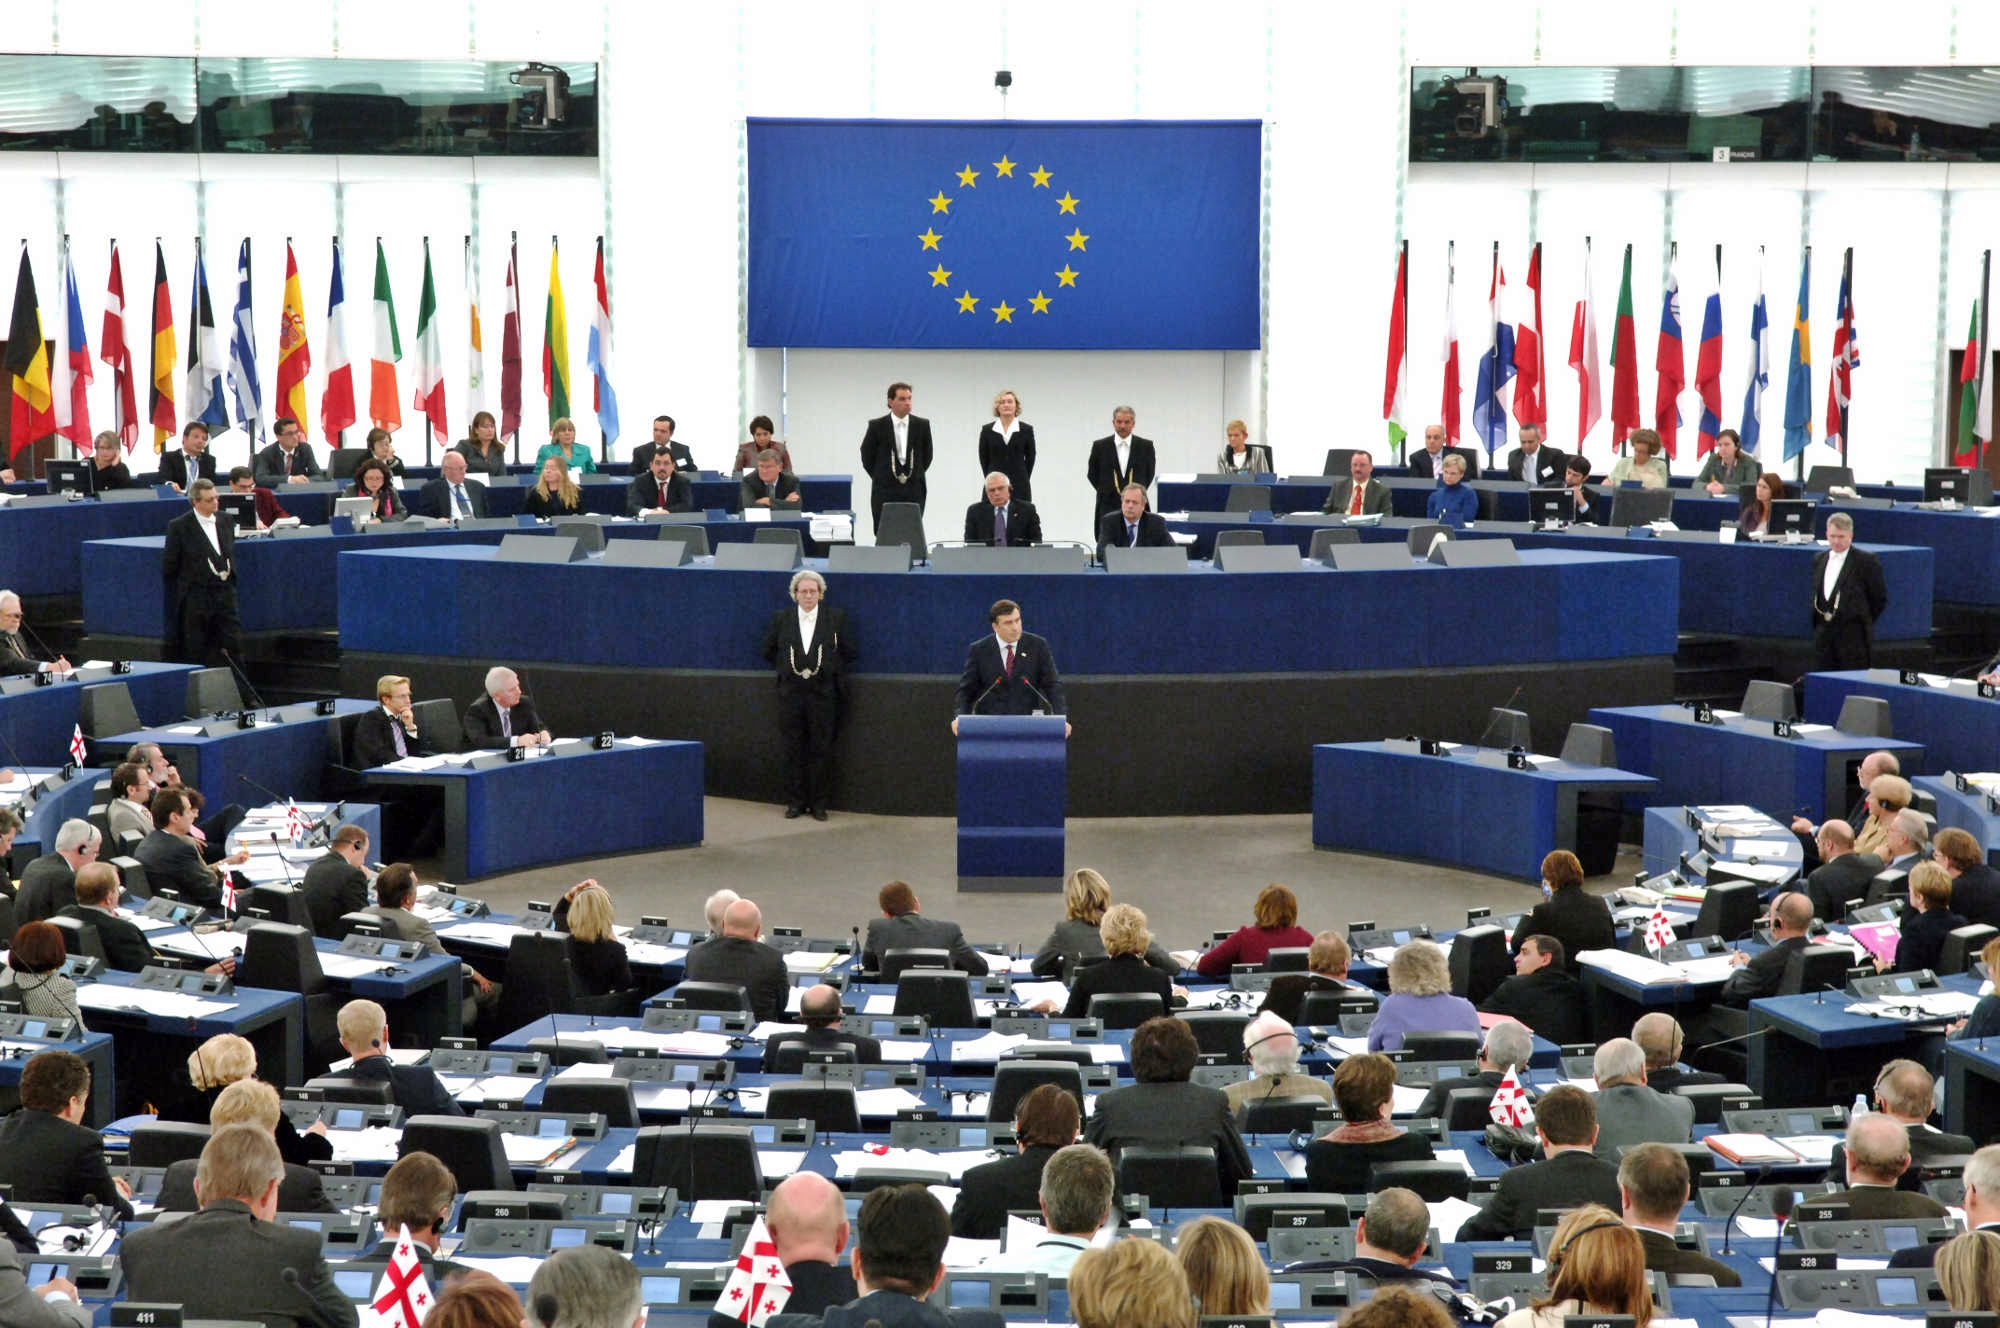 parlamento europeo m5s e lega si astengono su guaido 39 pd